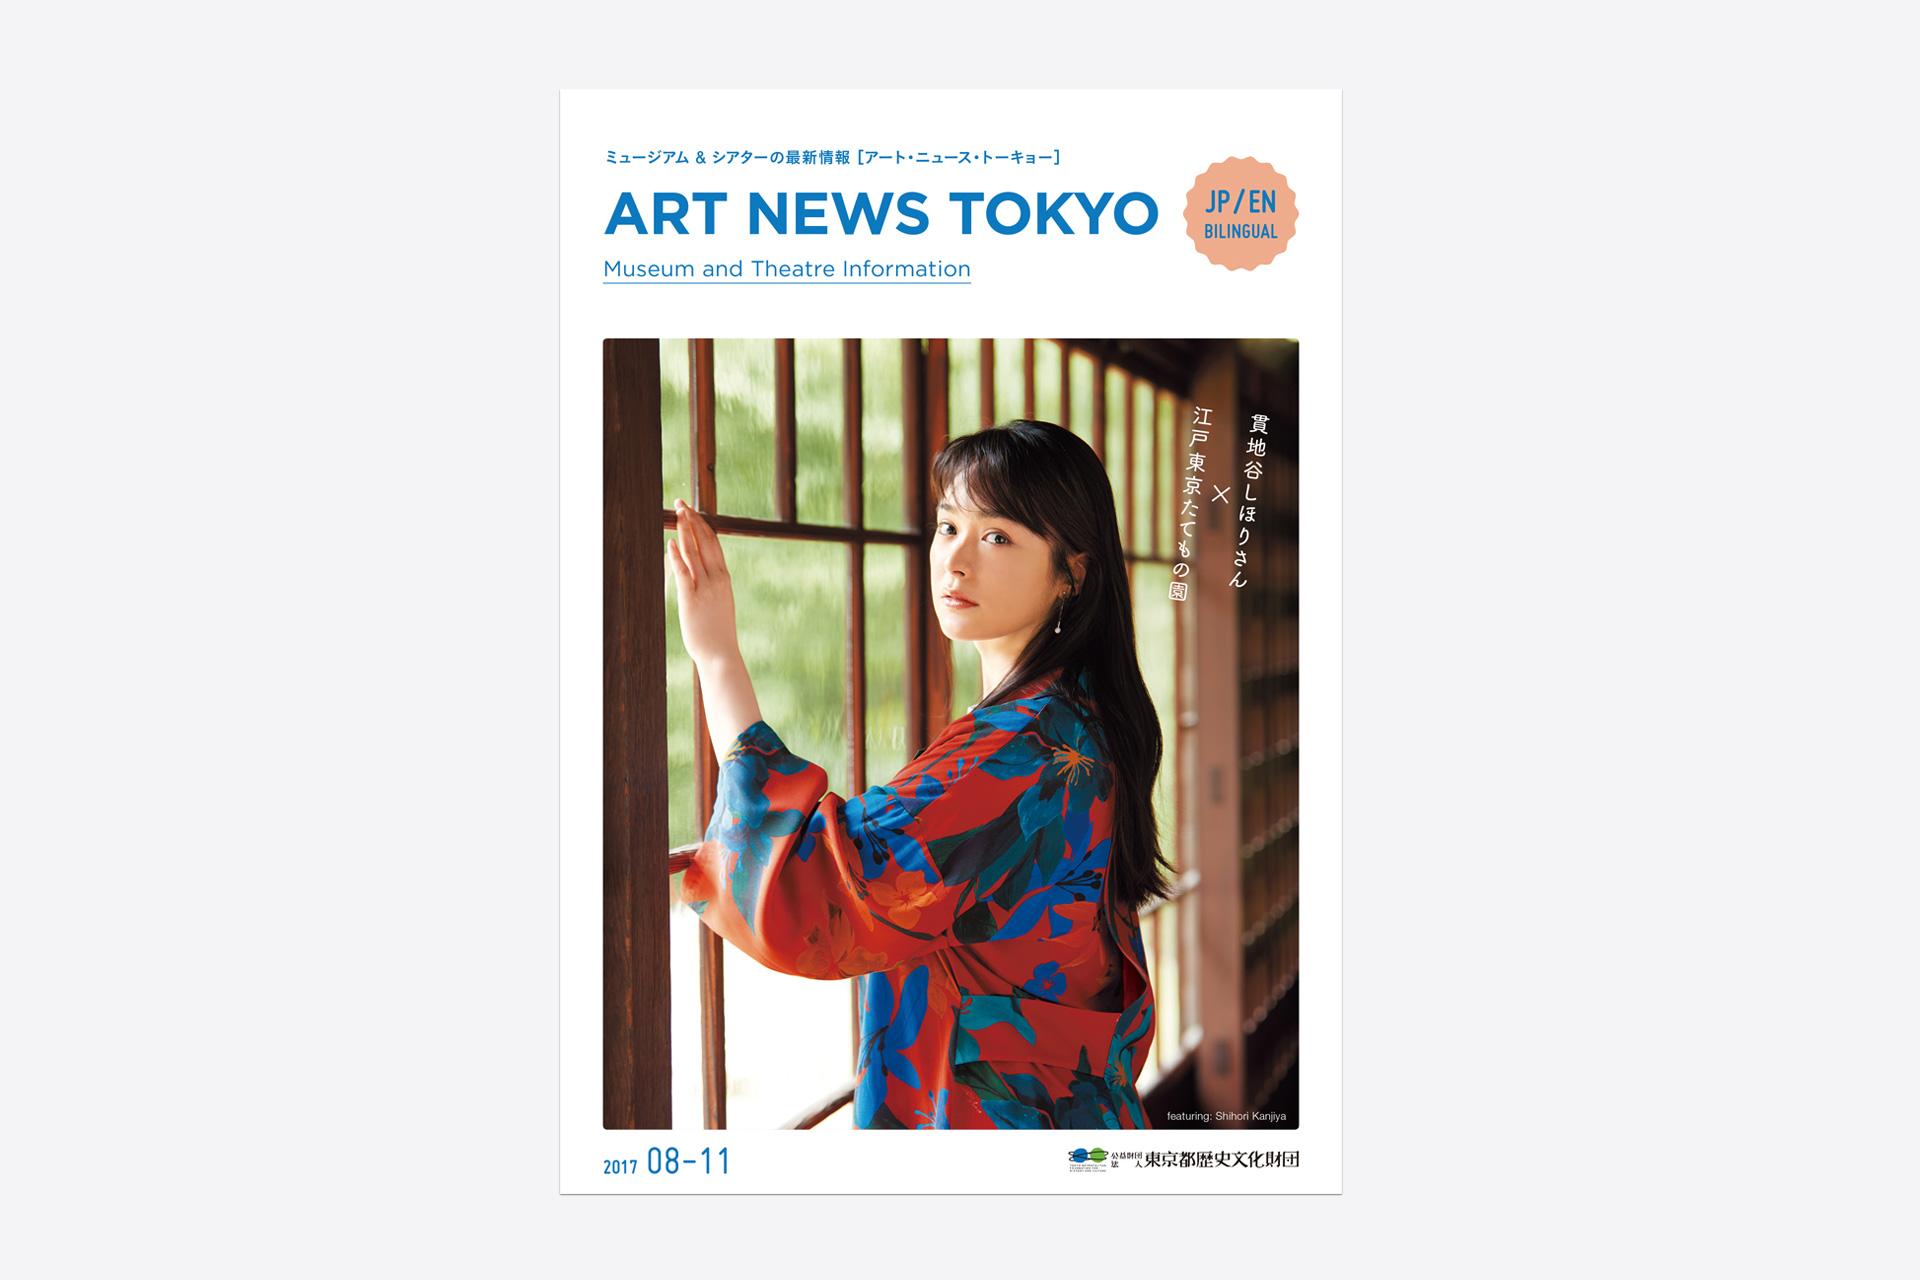 ART NEWS TOKYO 2017 08-11